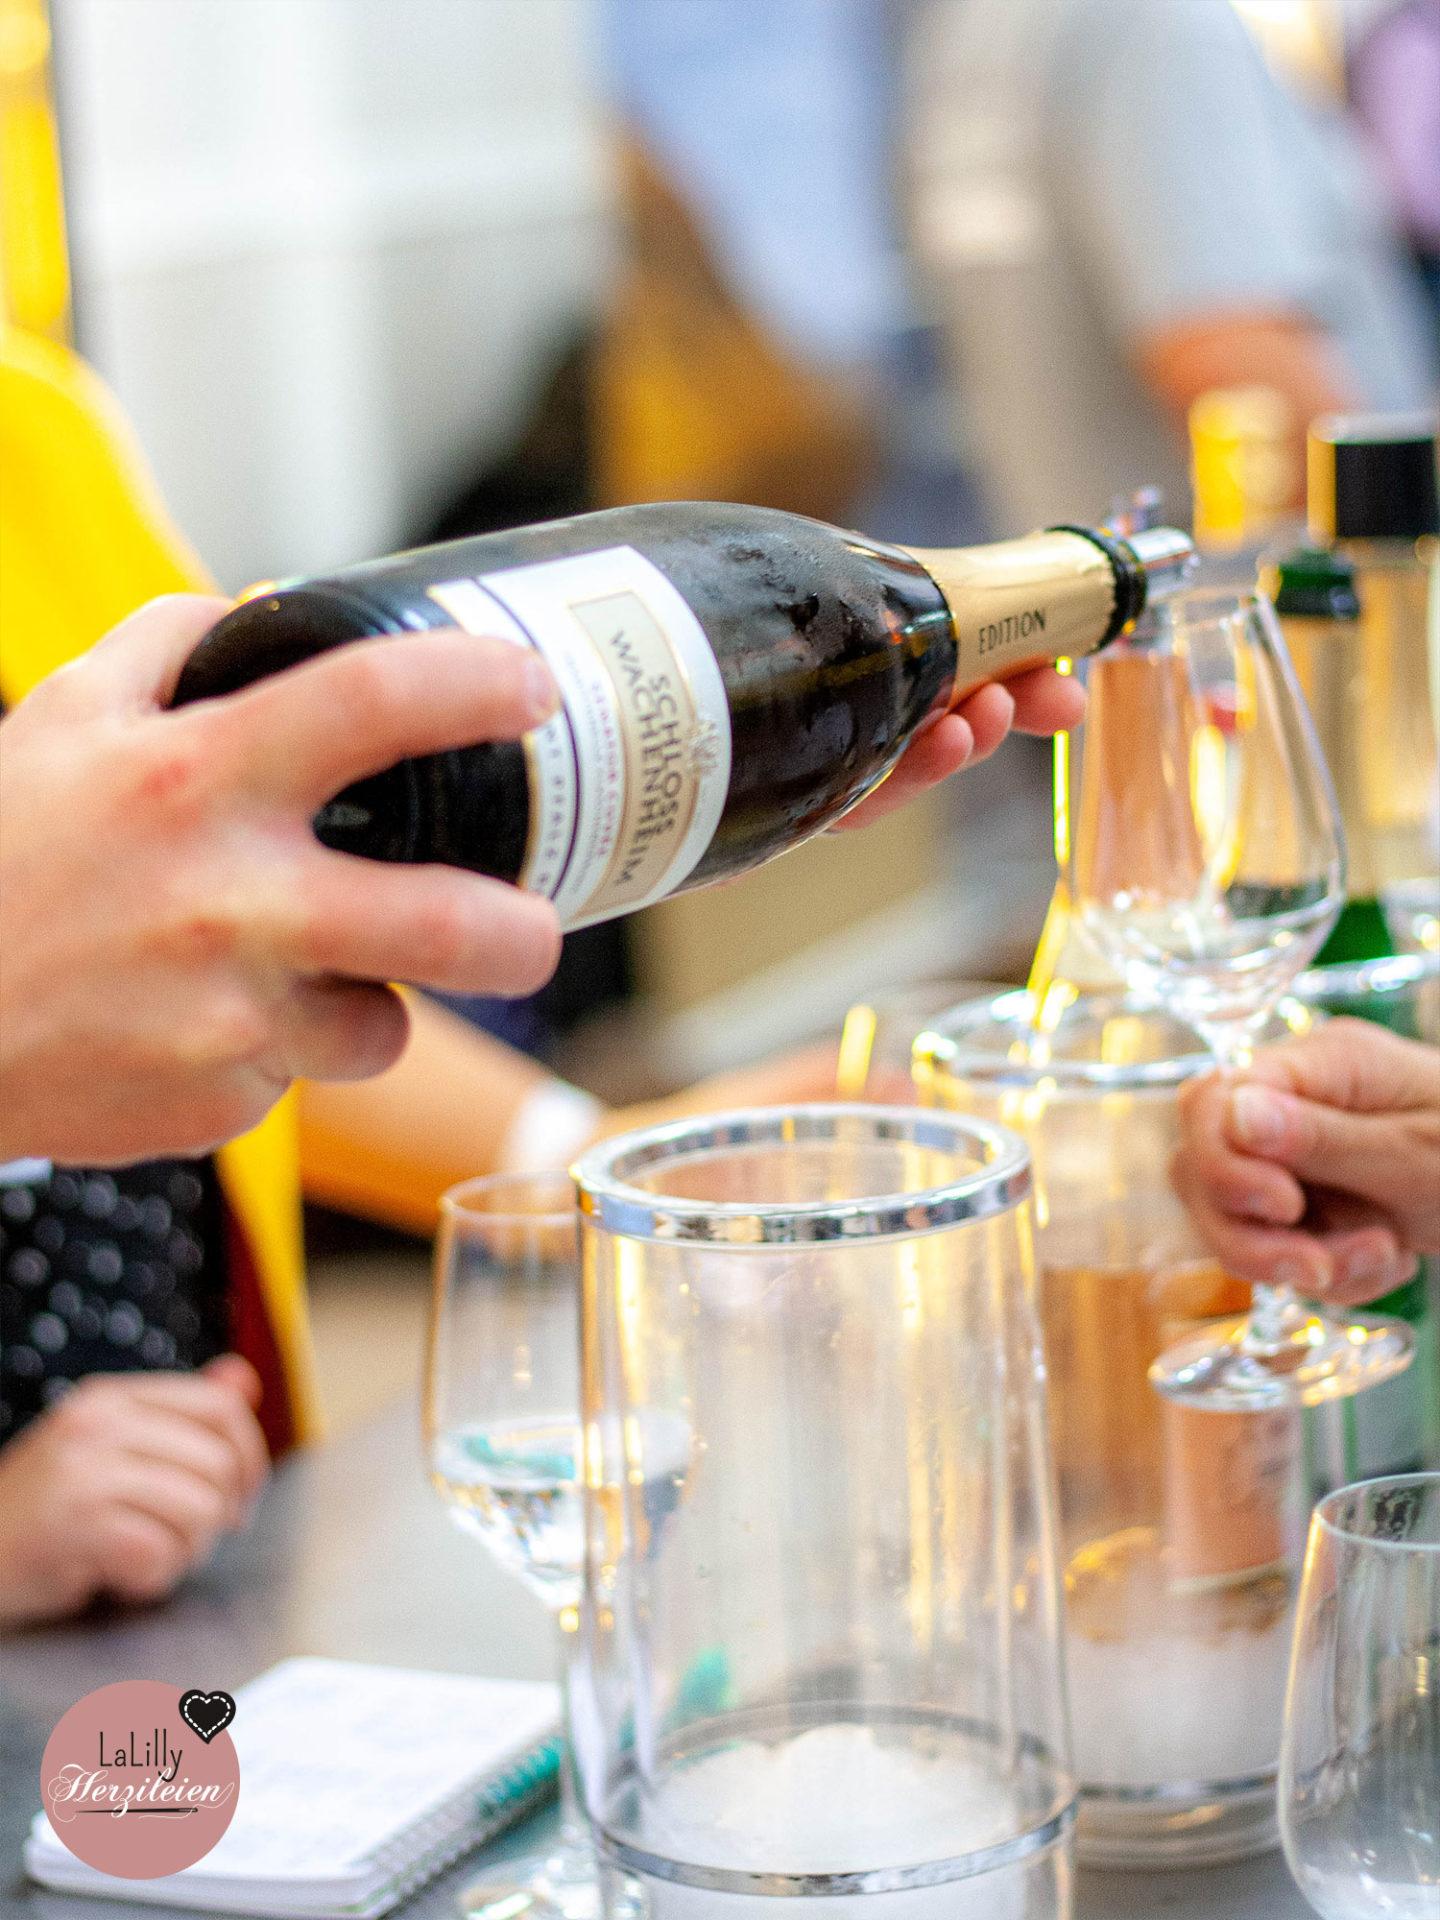 Weintrinker haben eine eigene Sprache. Dass Anfänger großen Respekt vor Ihrer ersten Weinprobe haben ist daher nicht erstaunlich – aber auch nicht nötig.